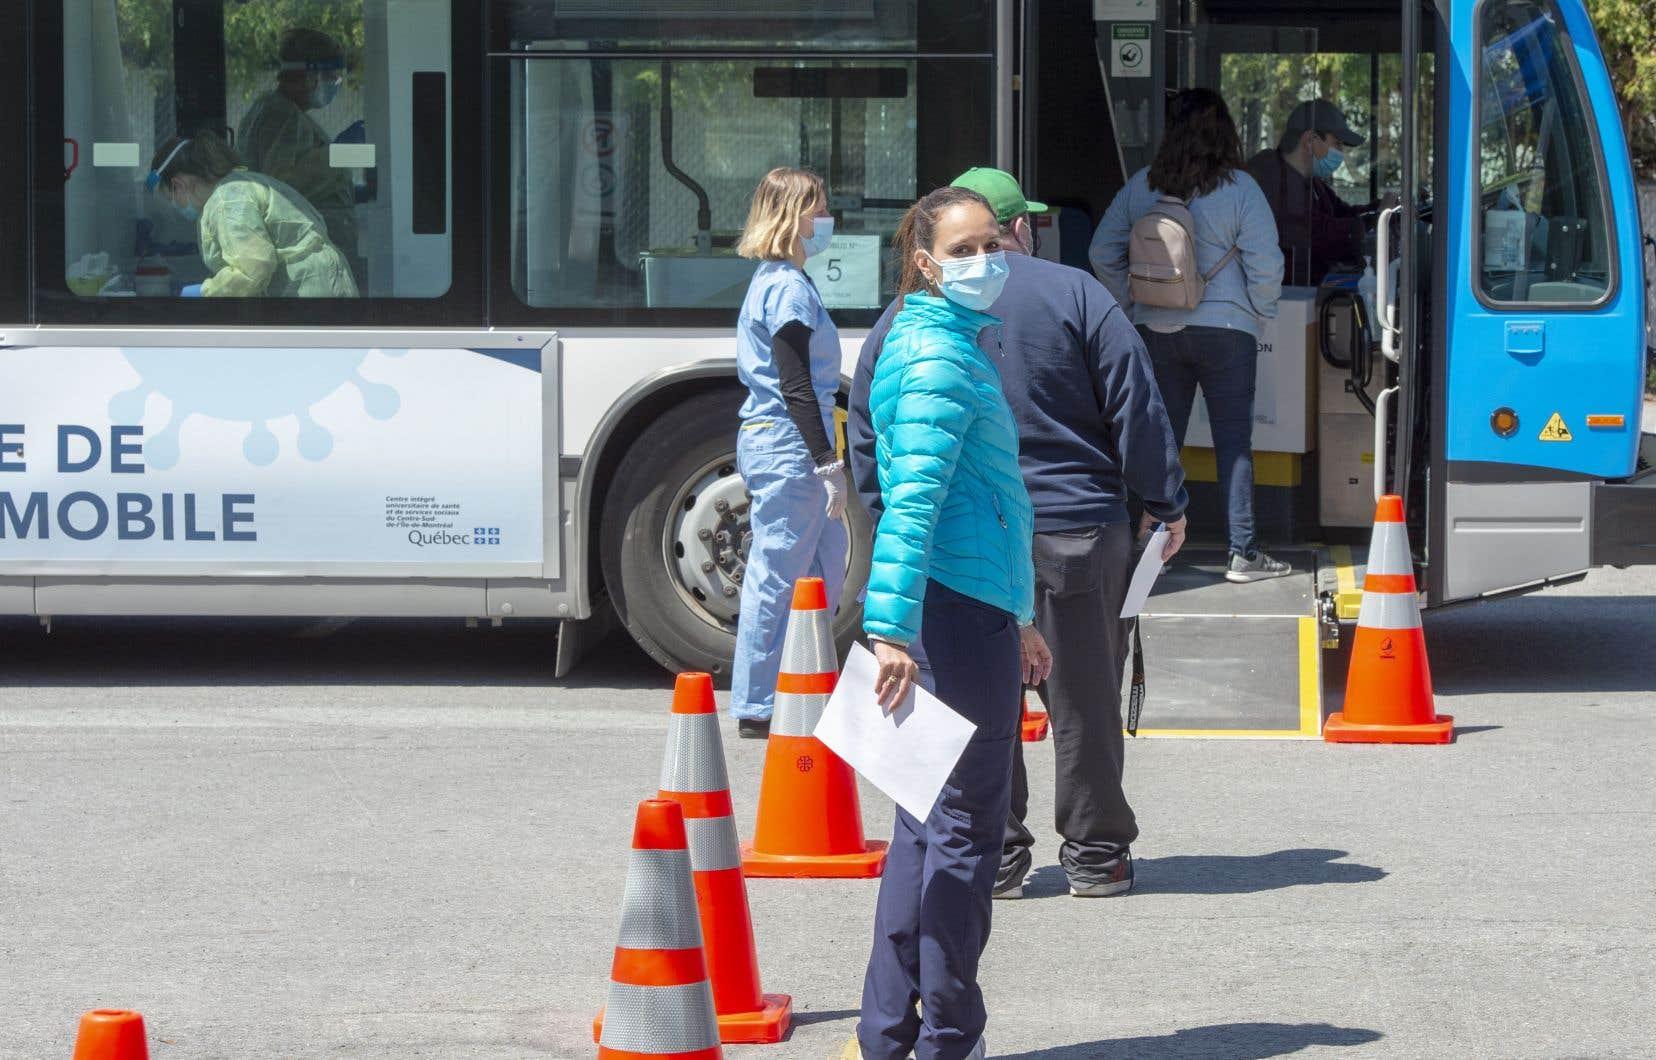 Déployés à la fin mai pour augmenter la cadence des tests, les autobus de la STM transformés en cliniques mobiles cesseront de se promener de quartier en quartier à compter de vendredi.